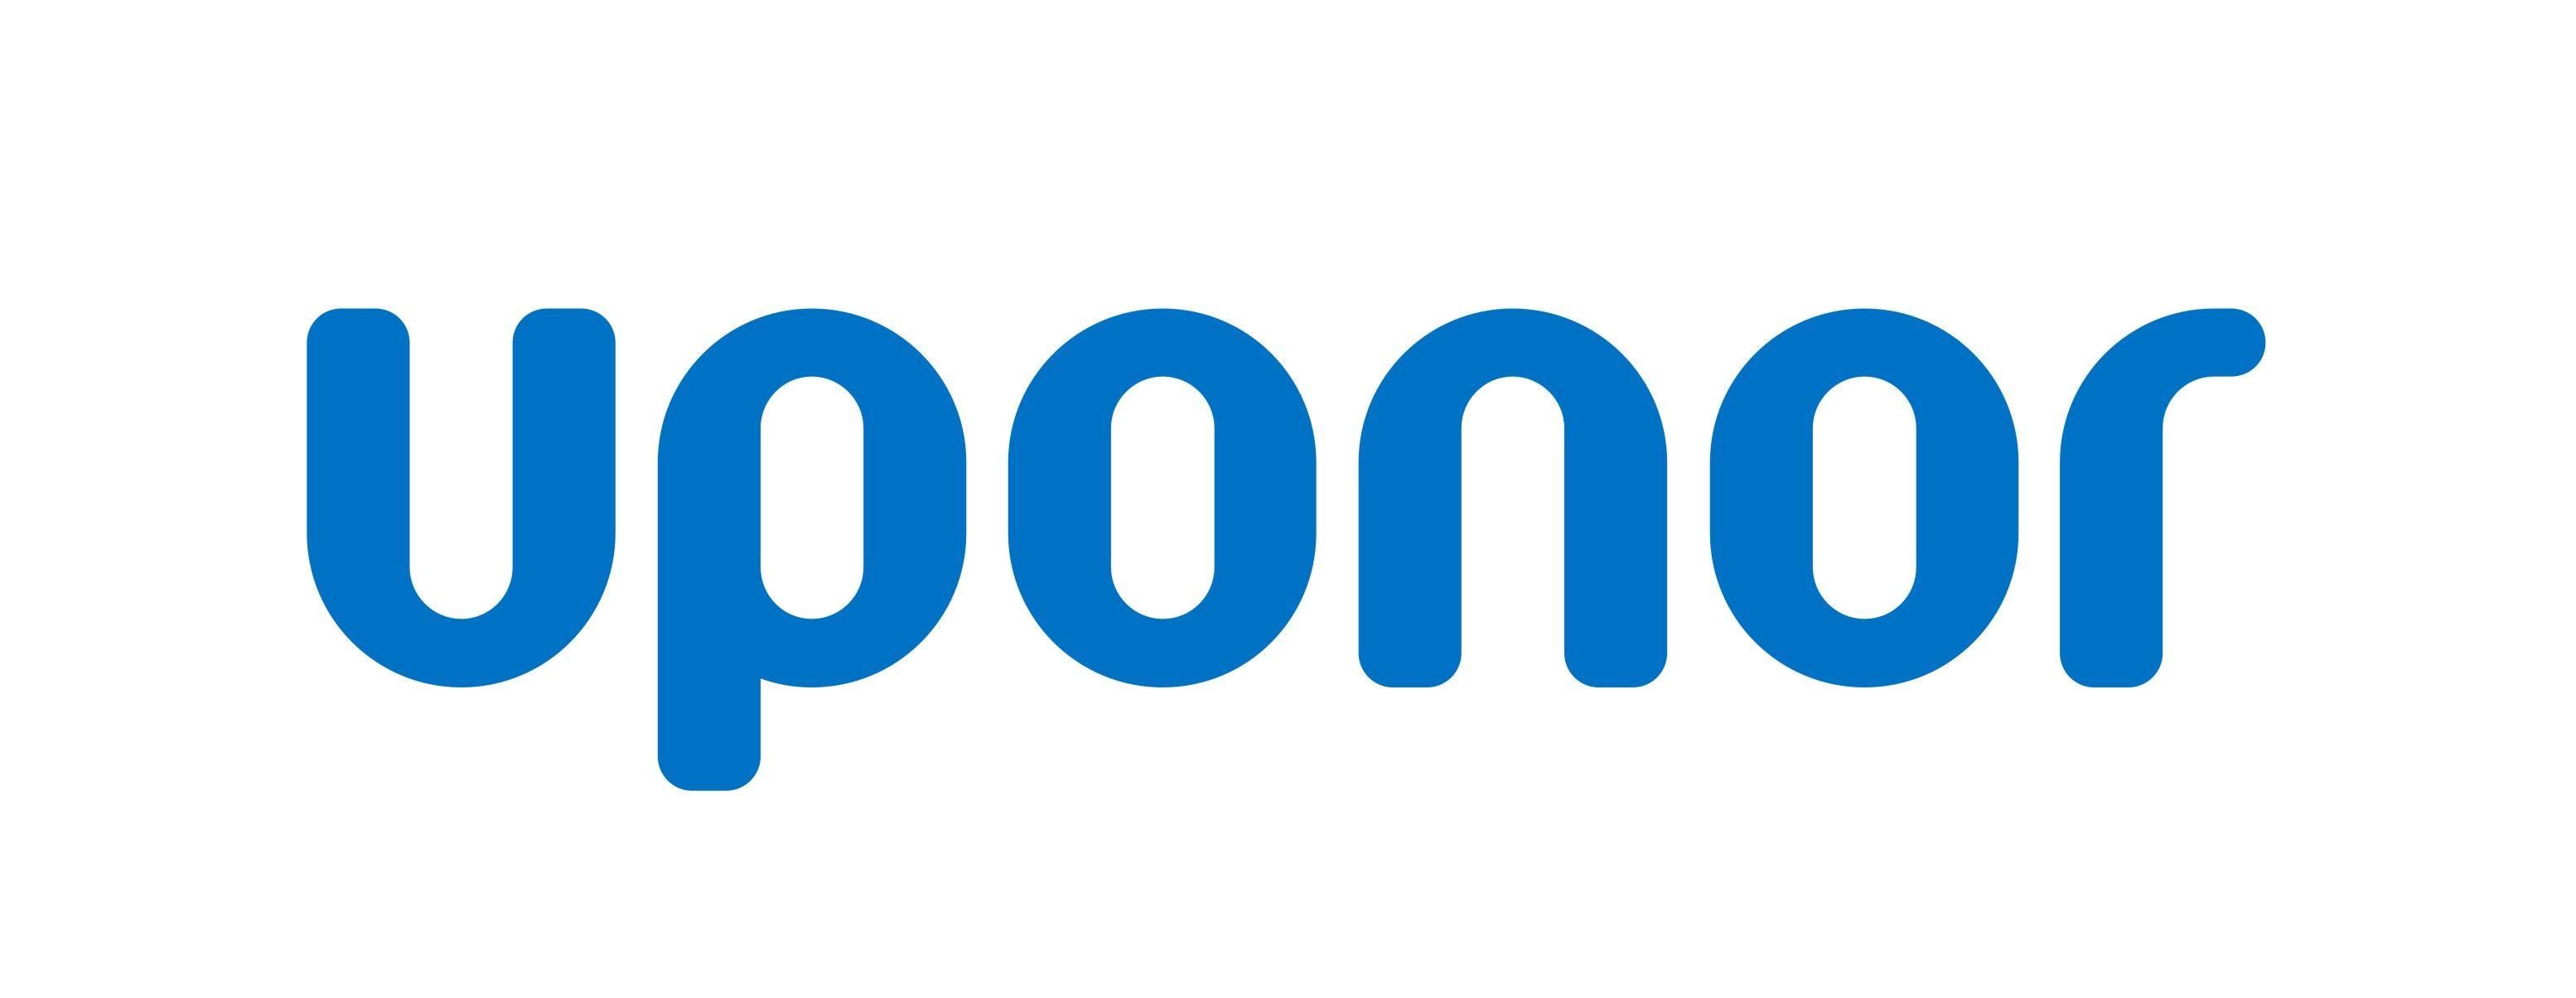 Foto de Logotipo Uponor